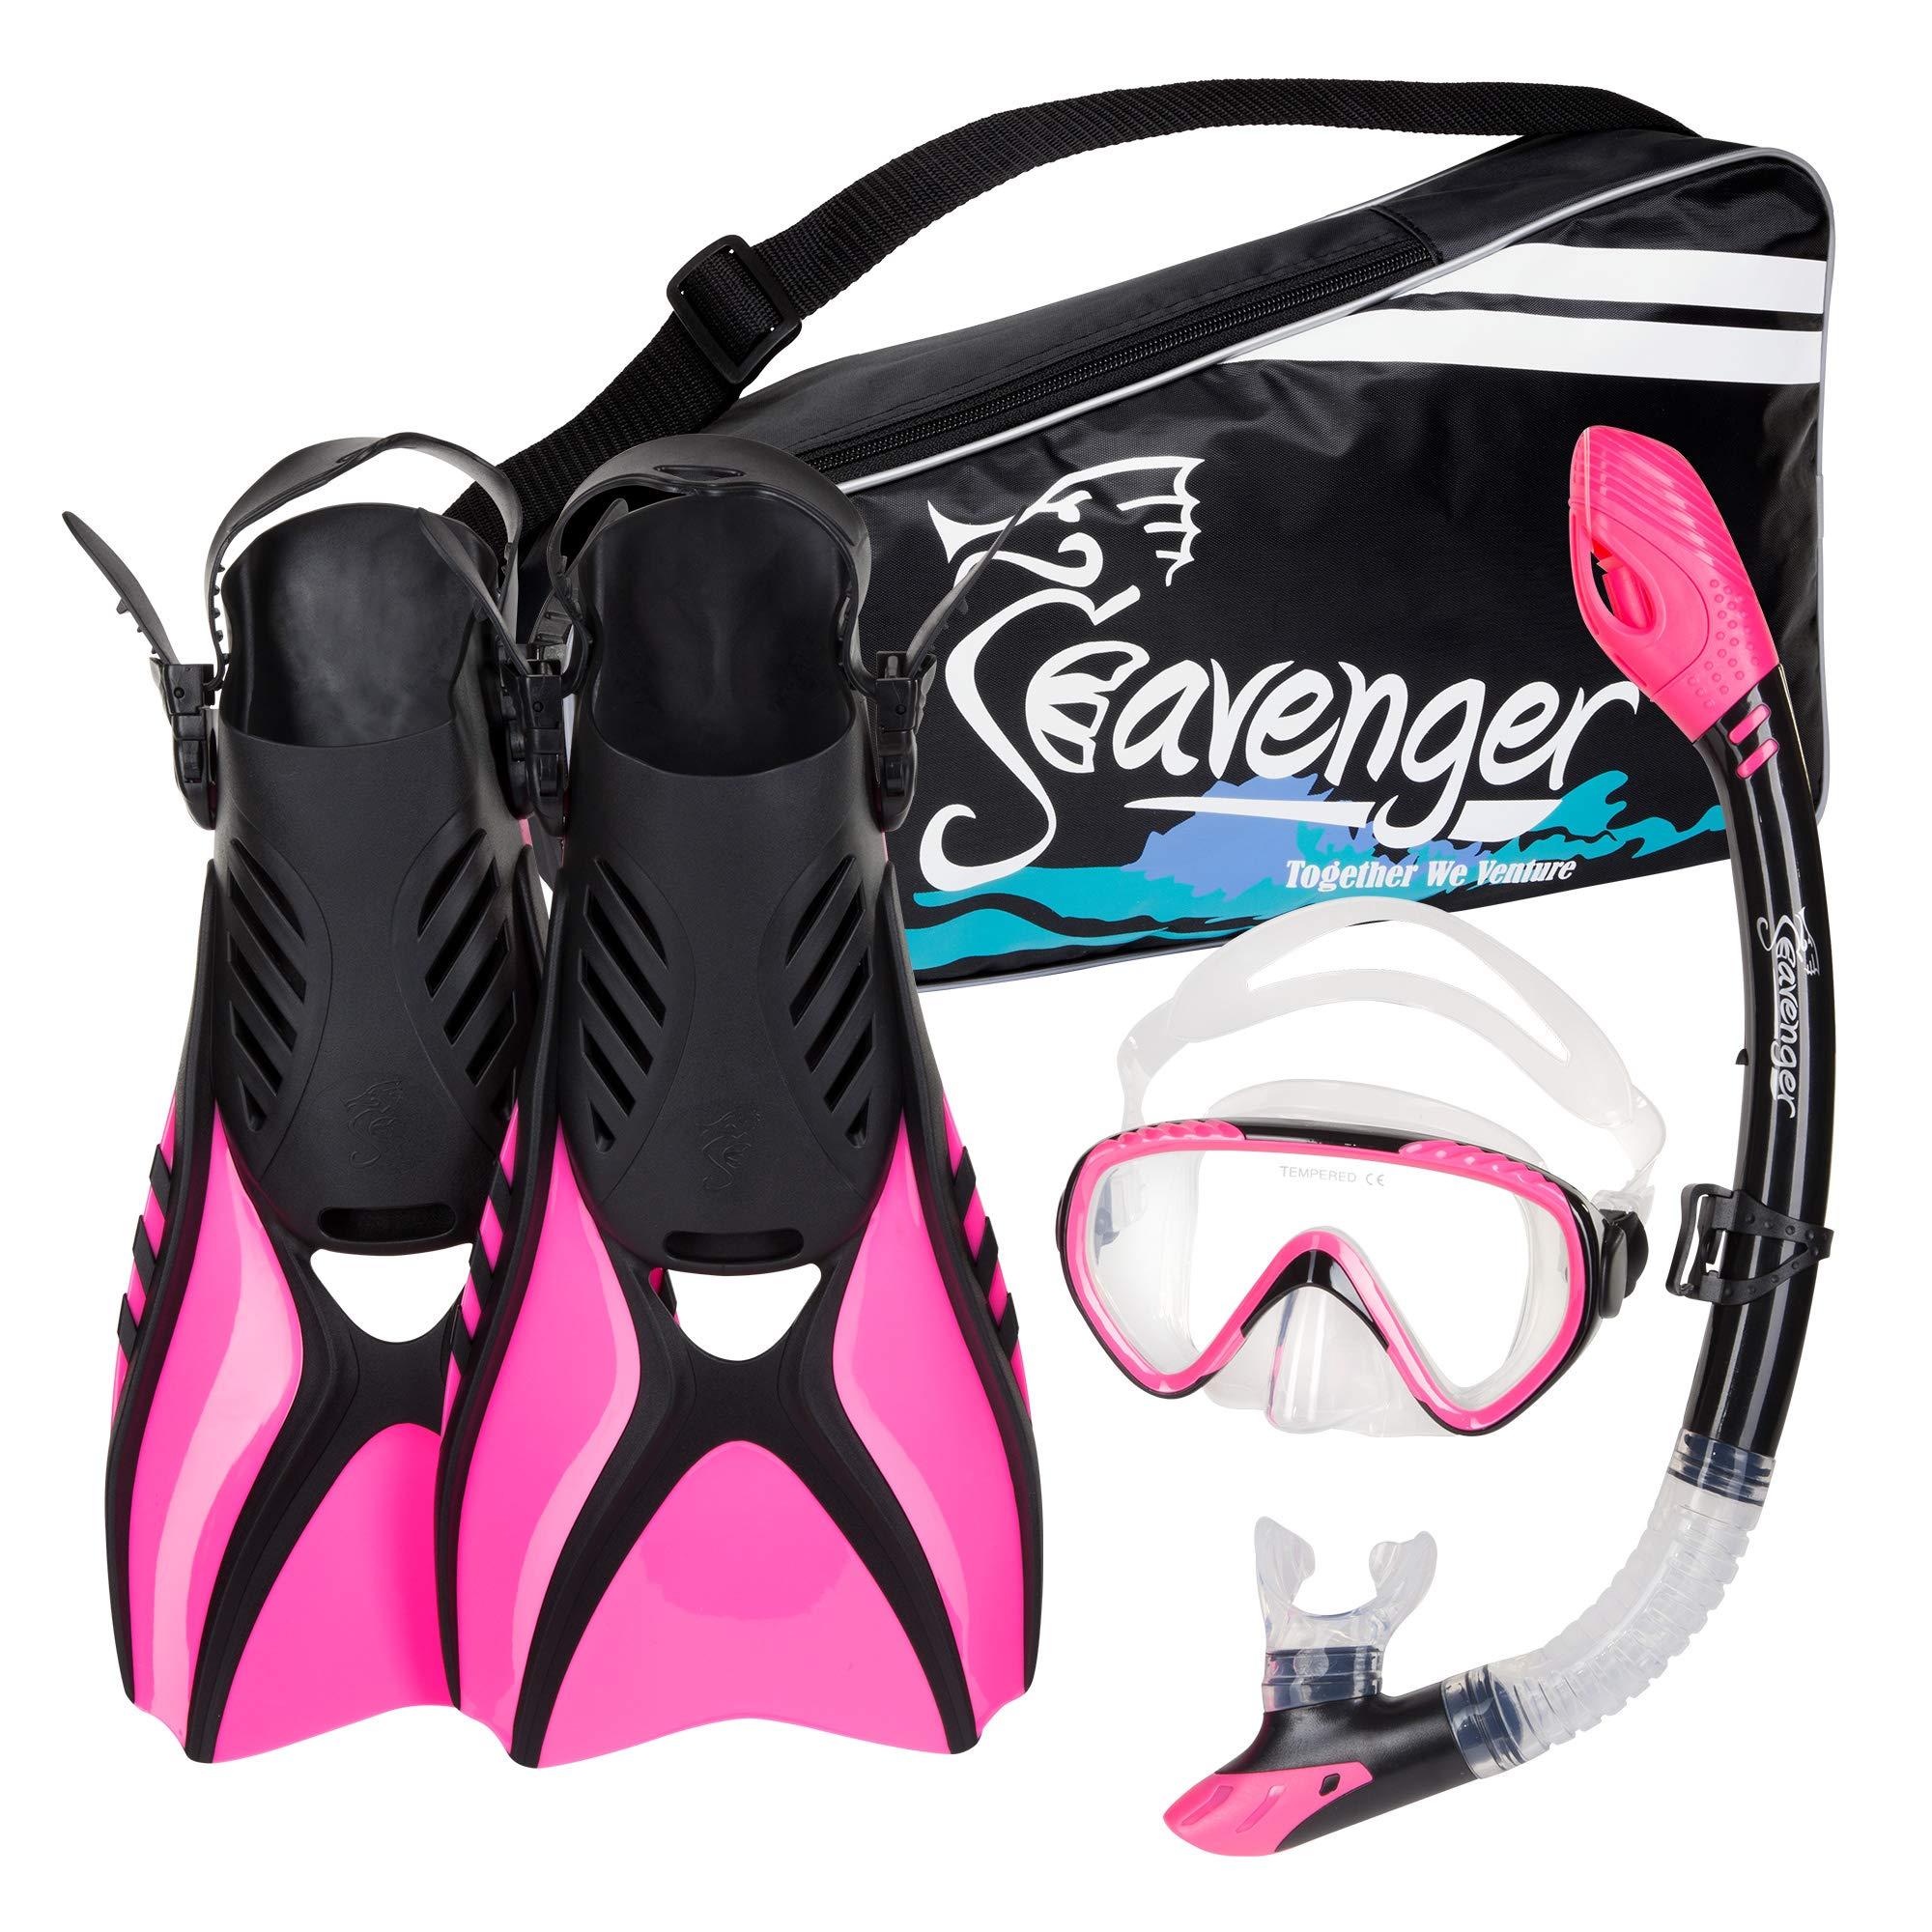 Seavenger Diving Snorkel Set - (Pink) - L by Seavenger